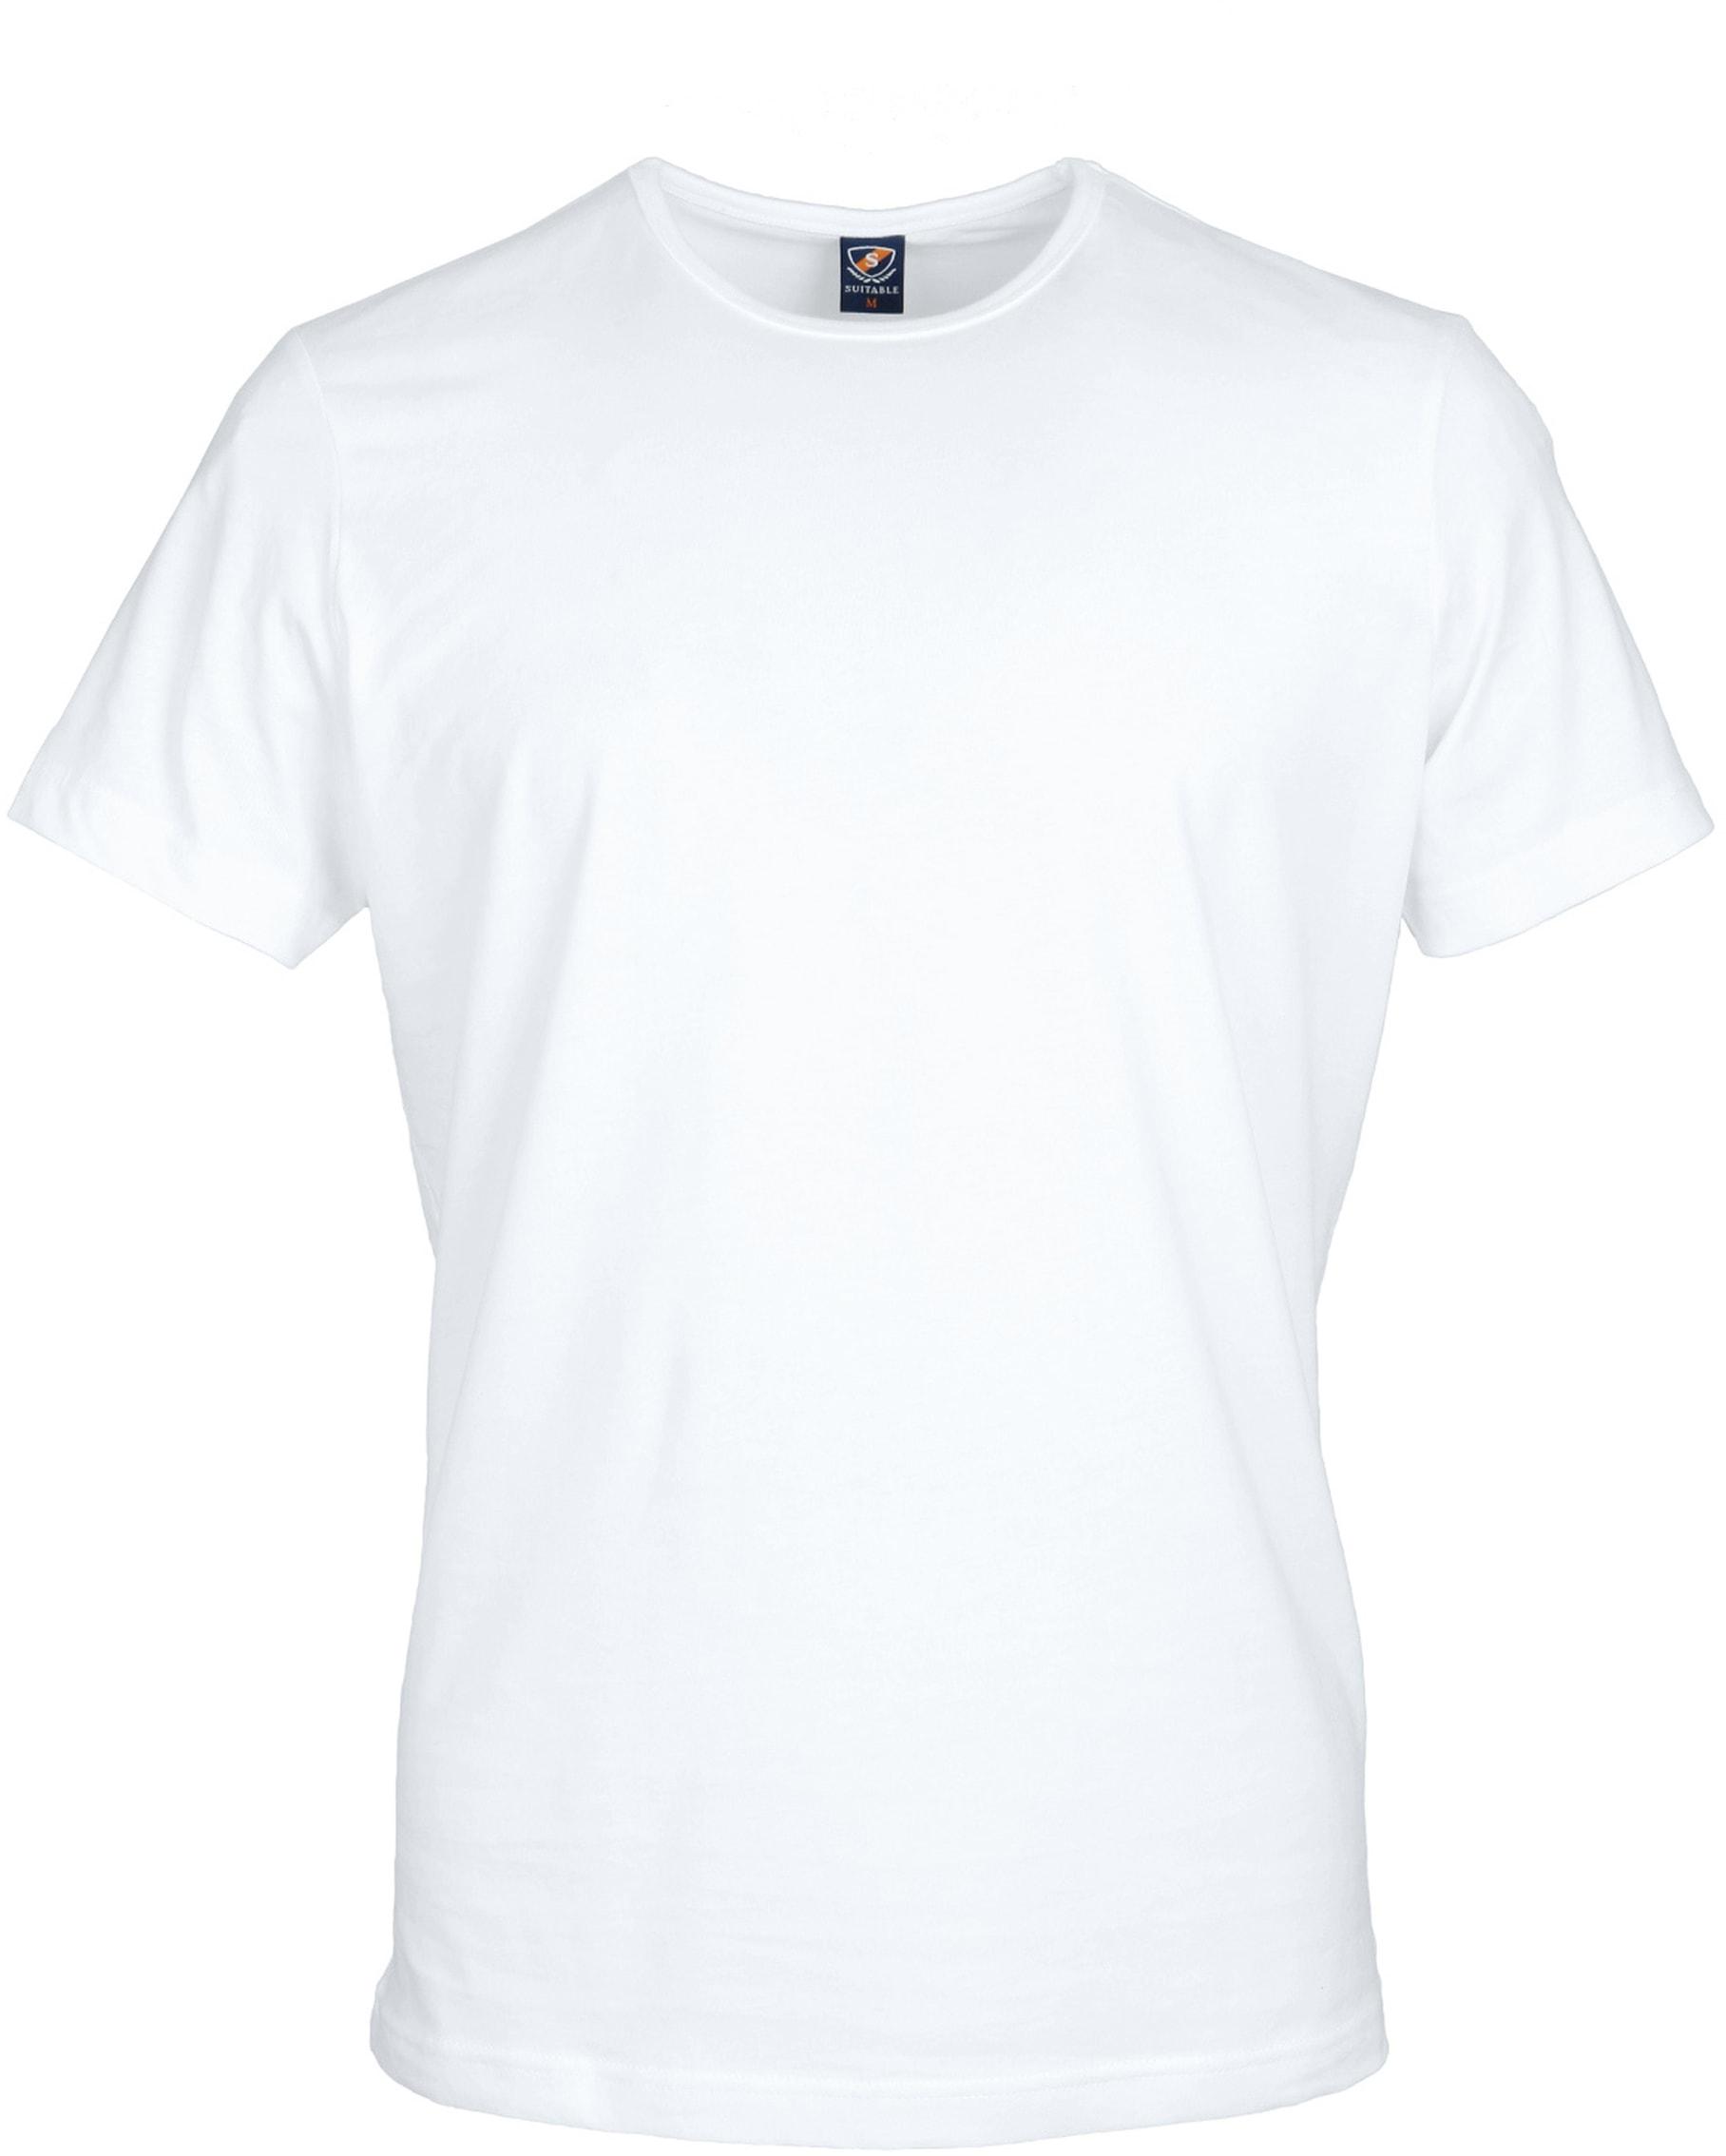 T-Shirt Rund Hals 2-Pack (2 Stück) Weiß foto 1